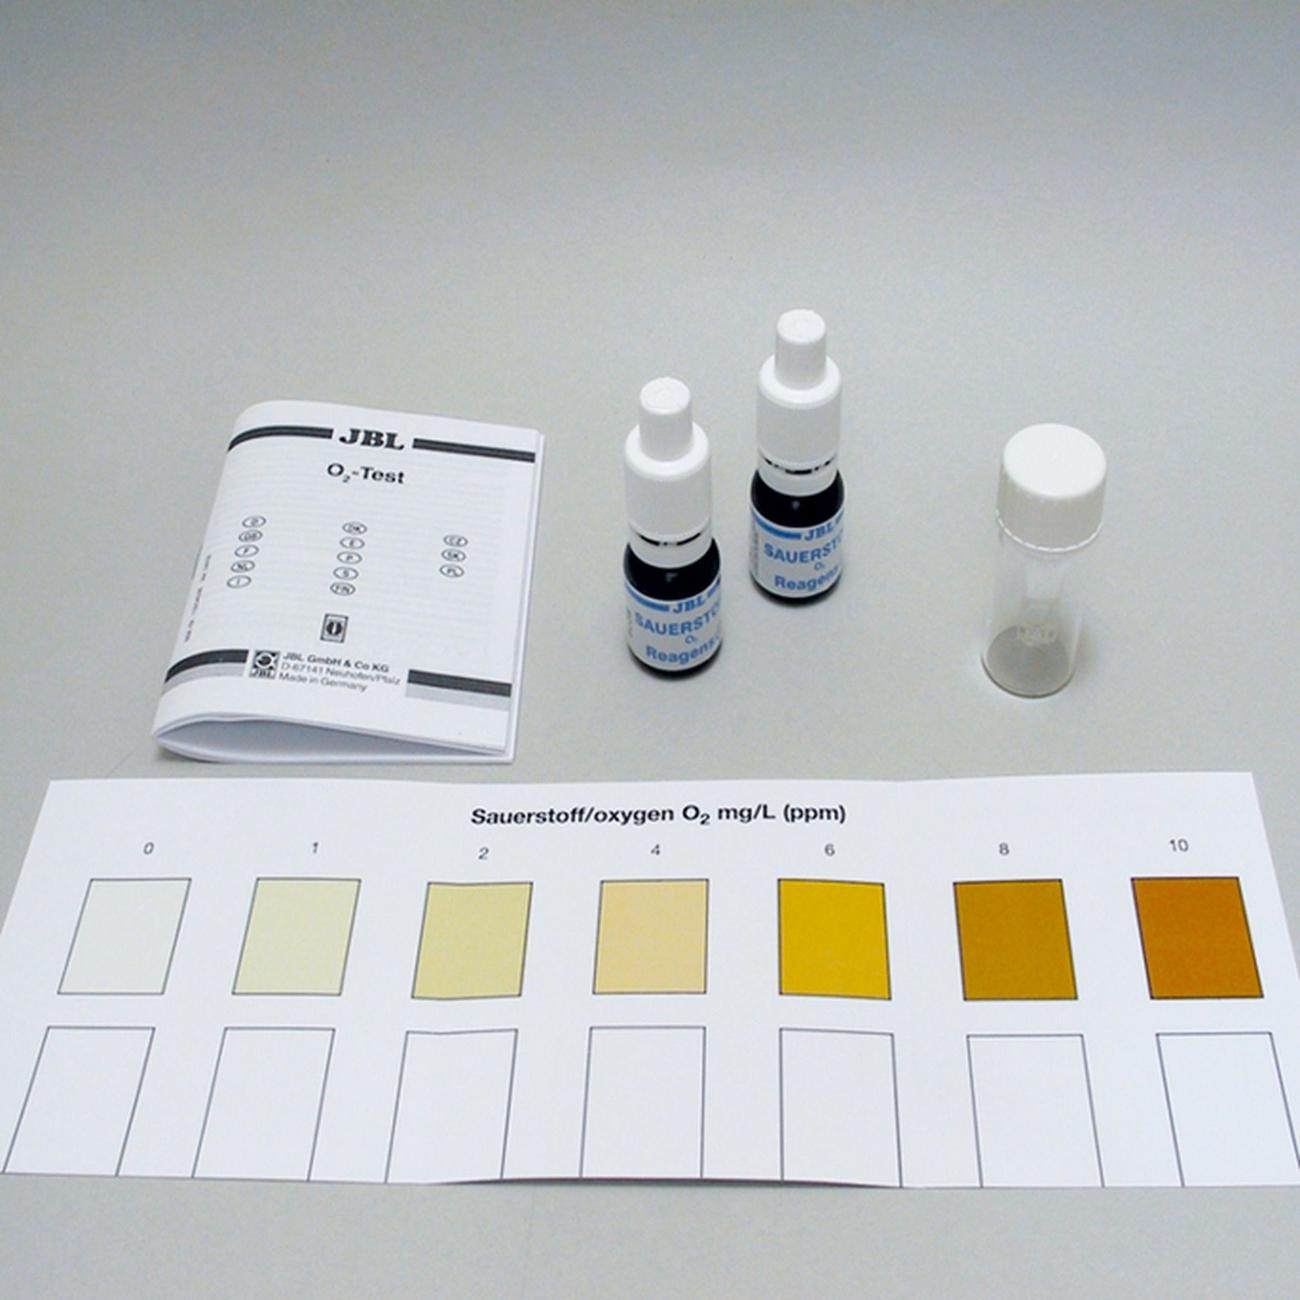 JBL O2 Sauerstoff Schnelltest zur Bestimmung des Sauerstoffgehalts in Süß-/Meerwasser-Aquarien & Teichen, Bild 2